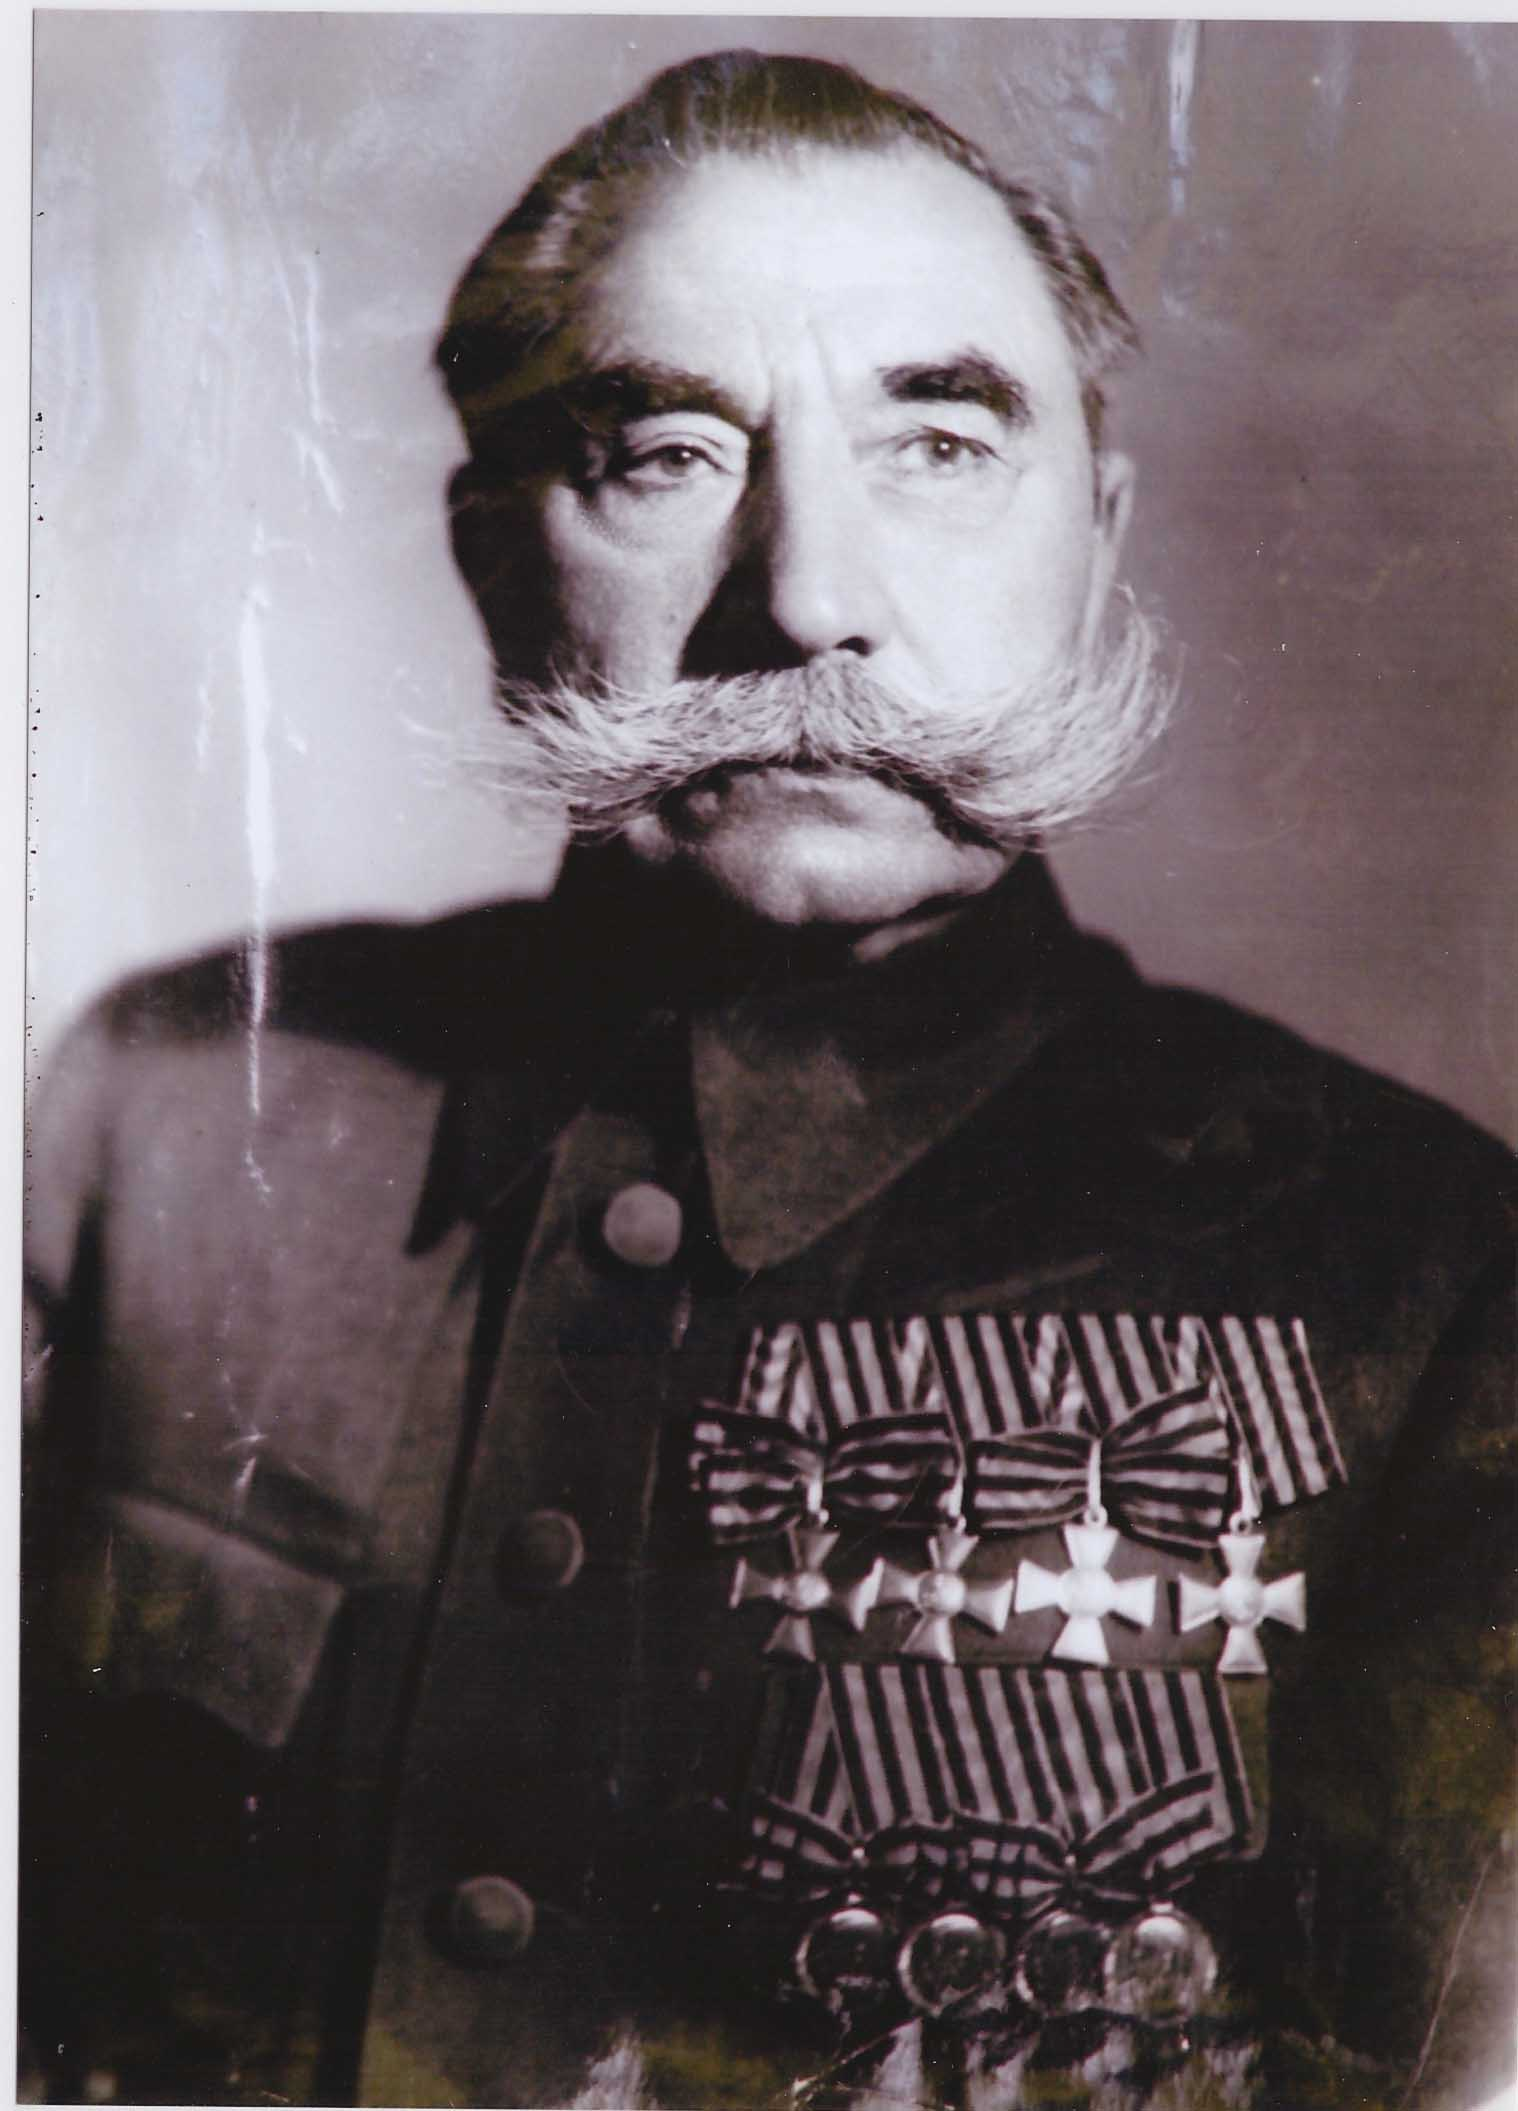 Маршал Советского Союза Будённый С. М. во френче с царскими наградами